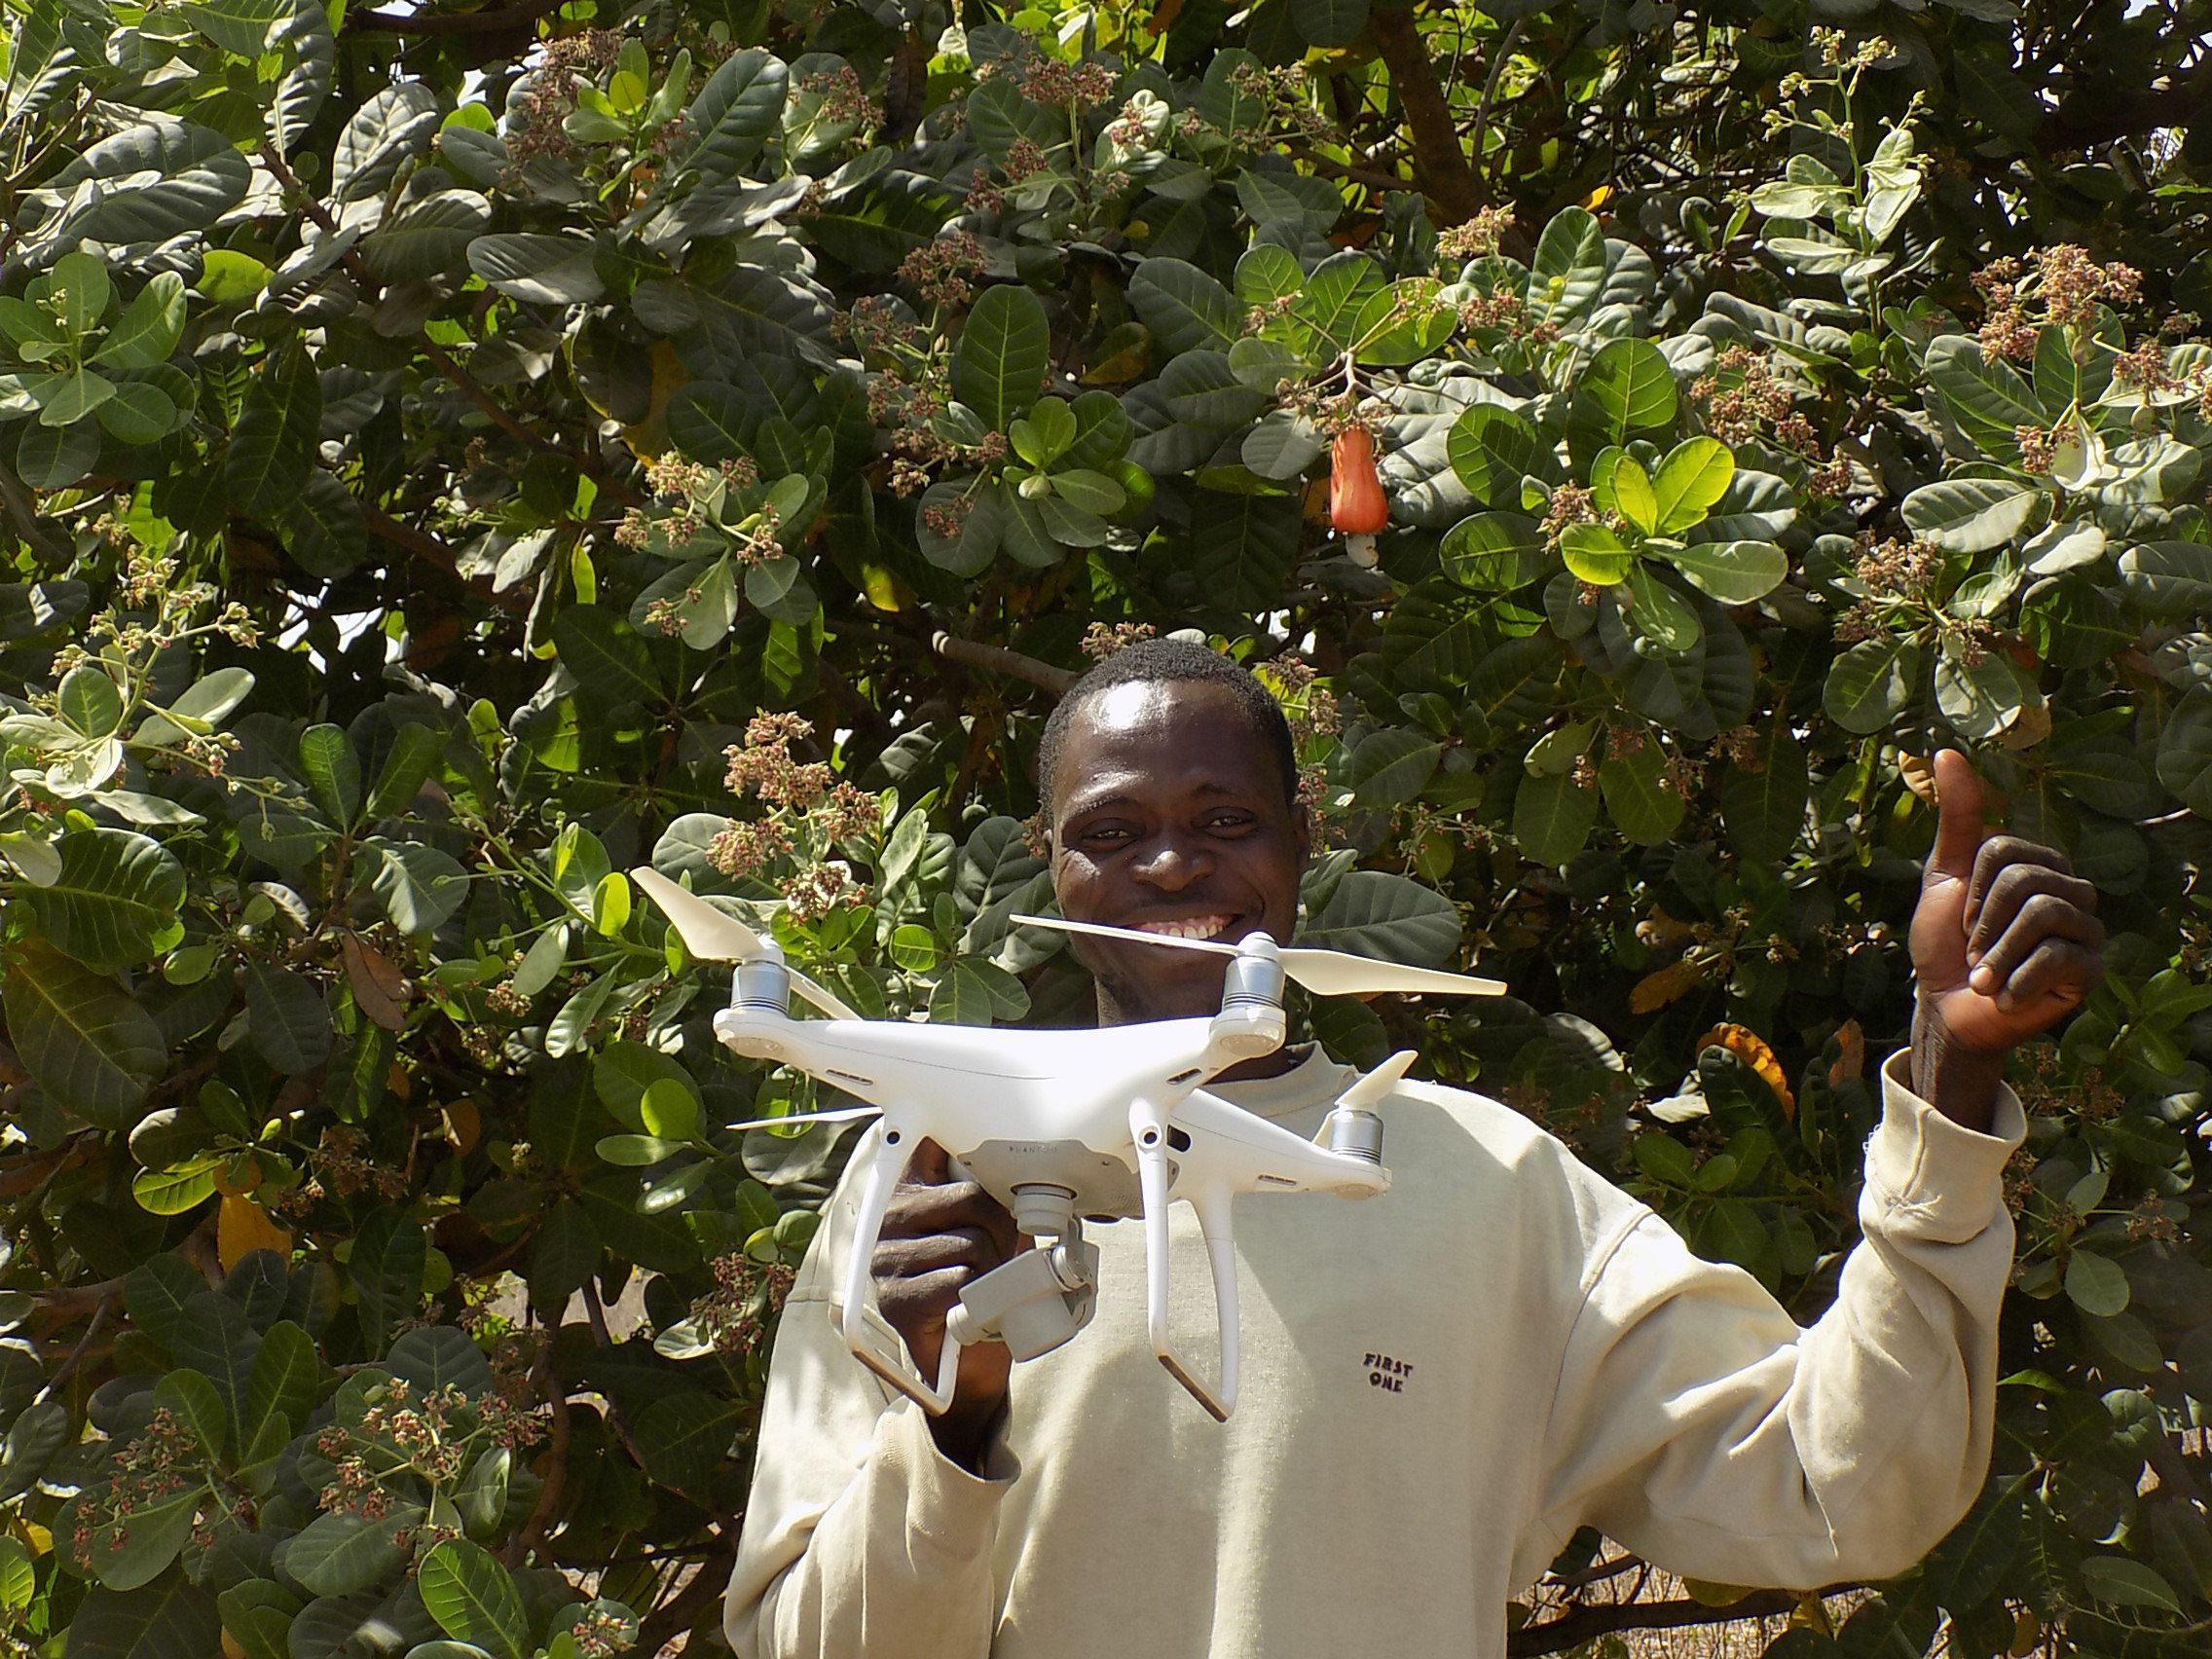 A man holds a drone in a field in Benin